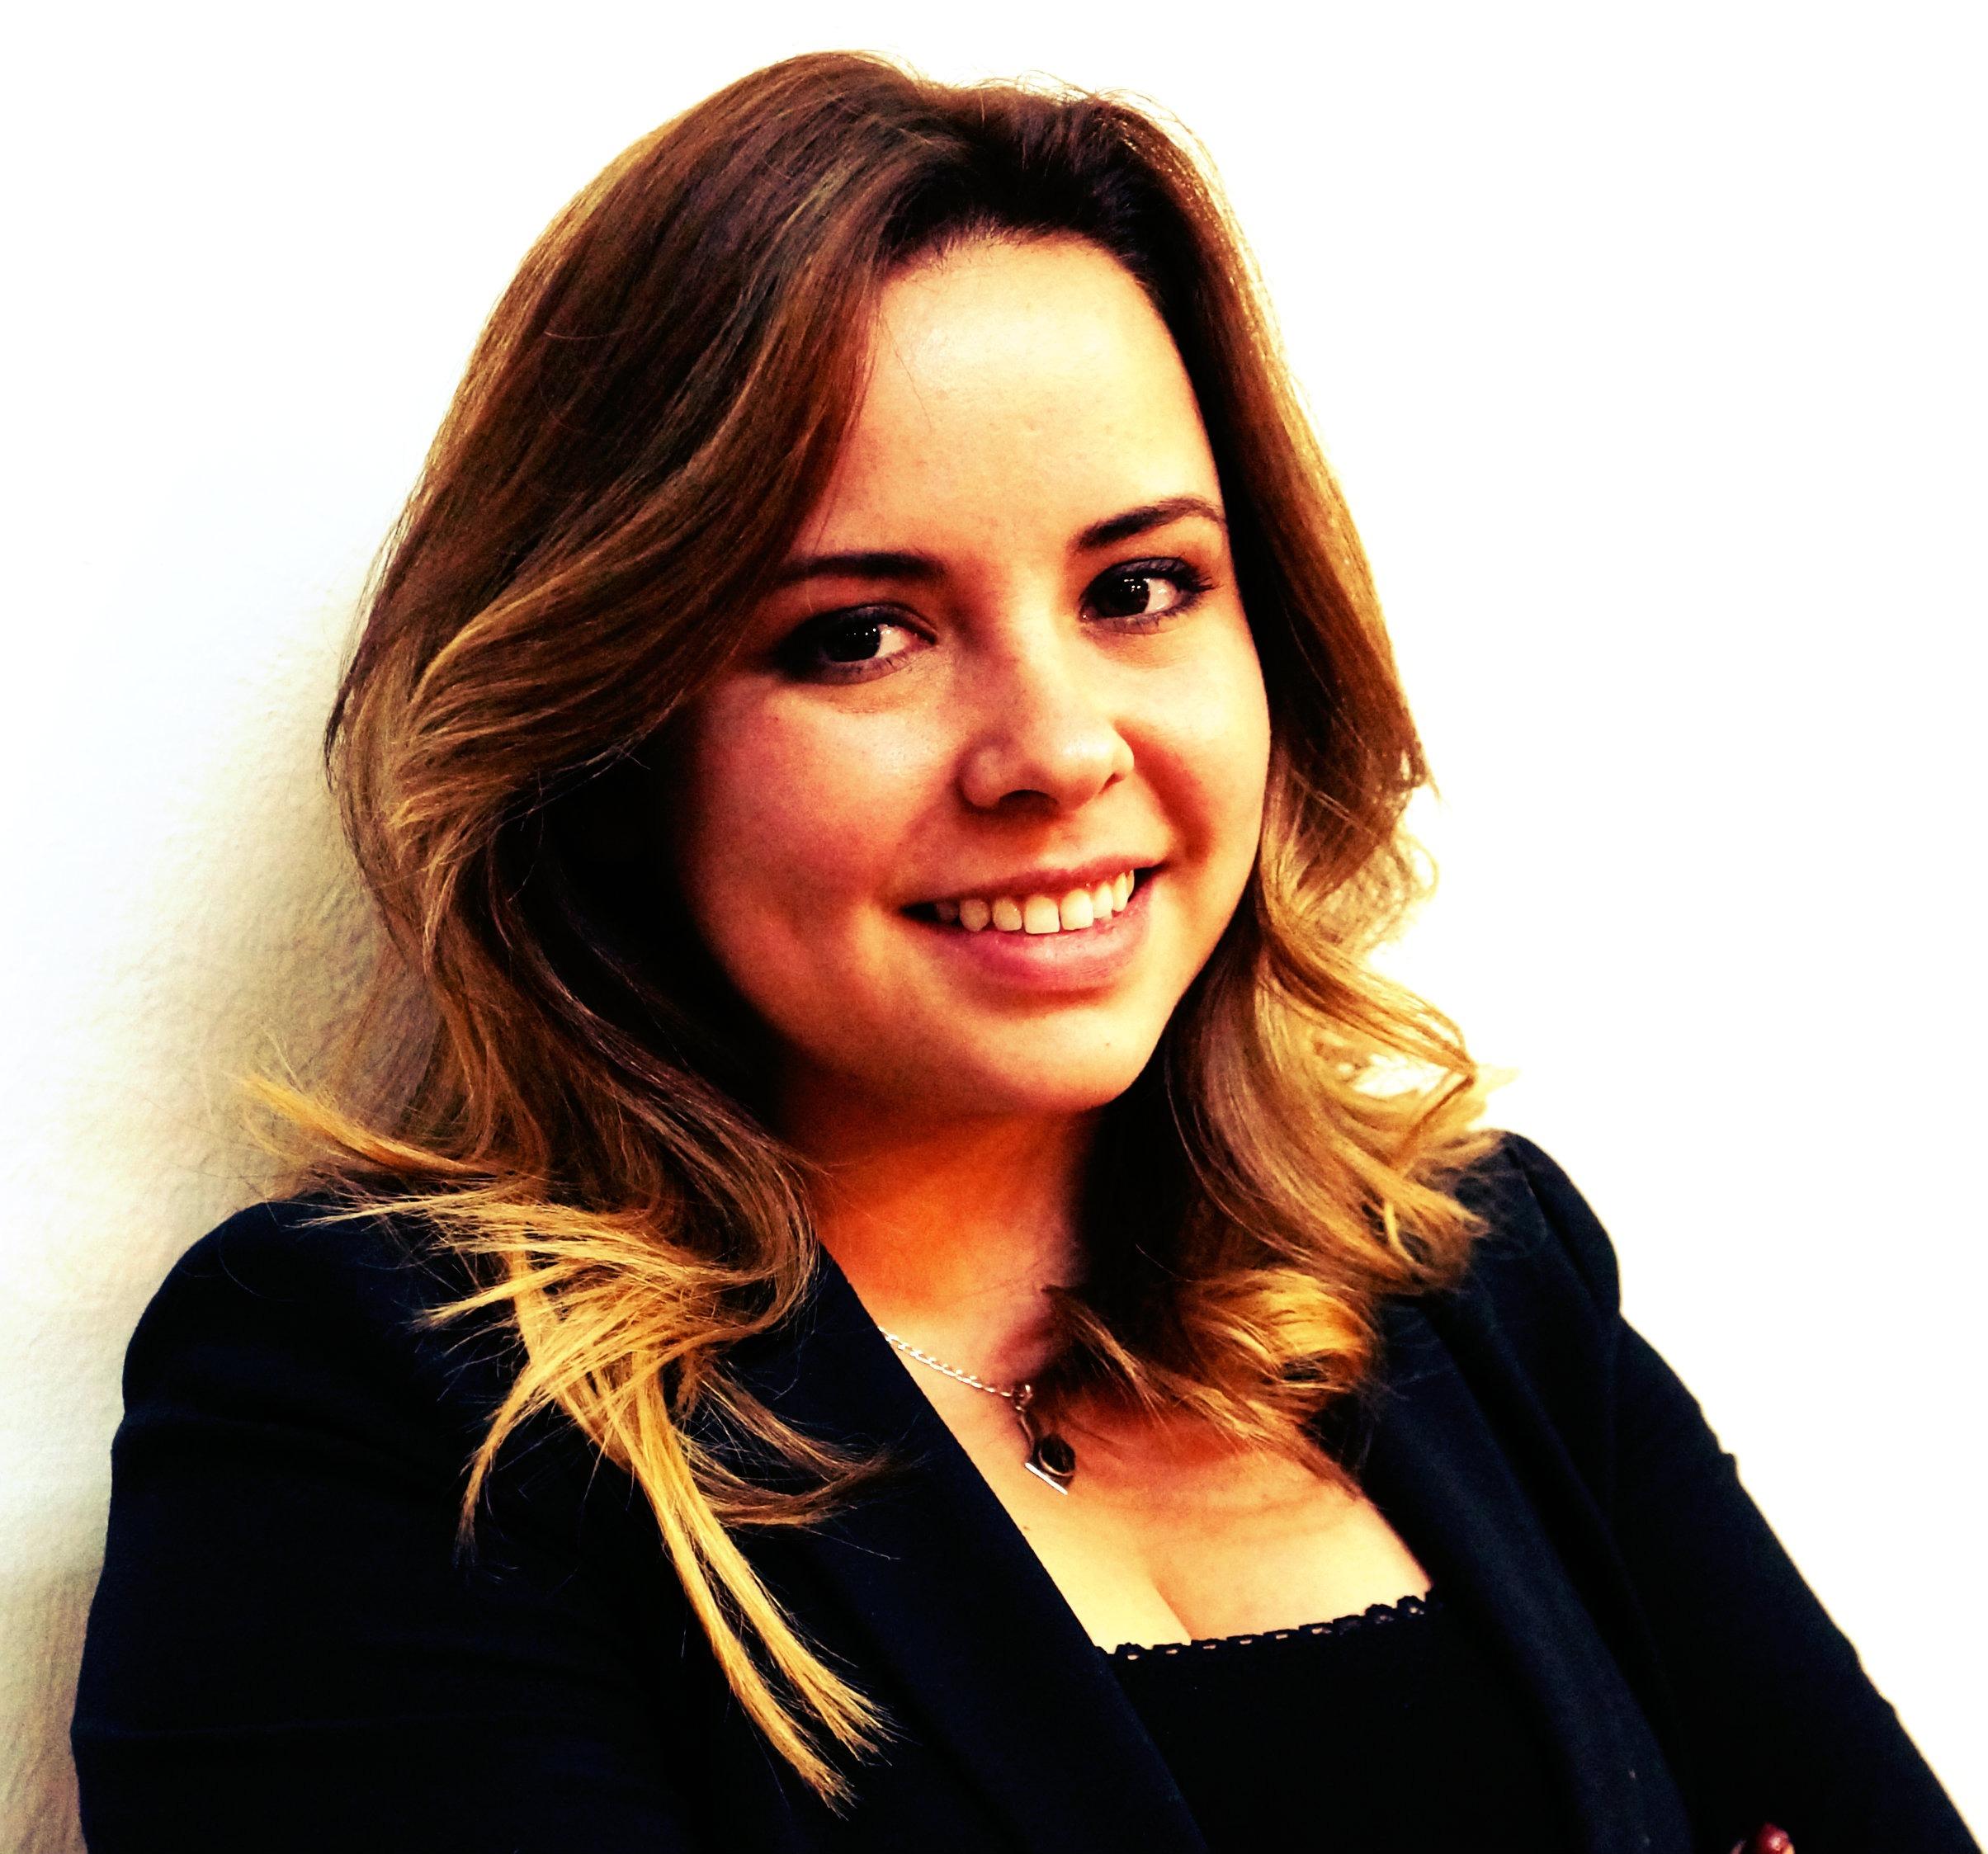 Fernanda Legaspi